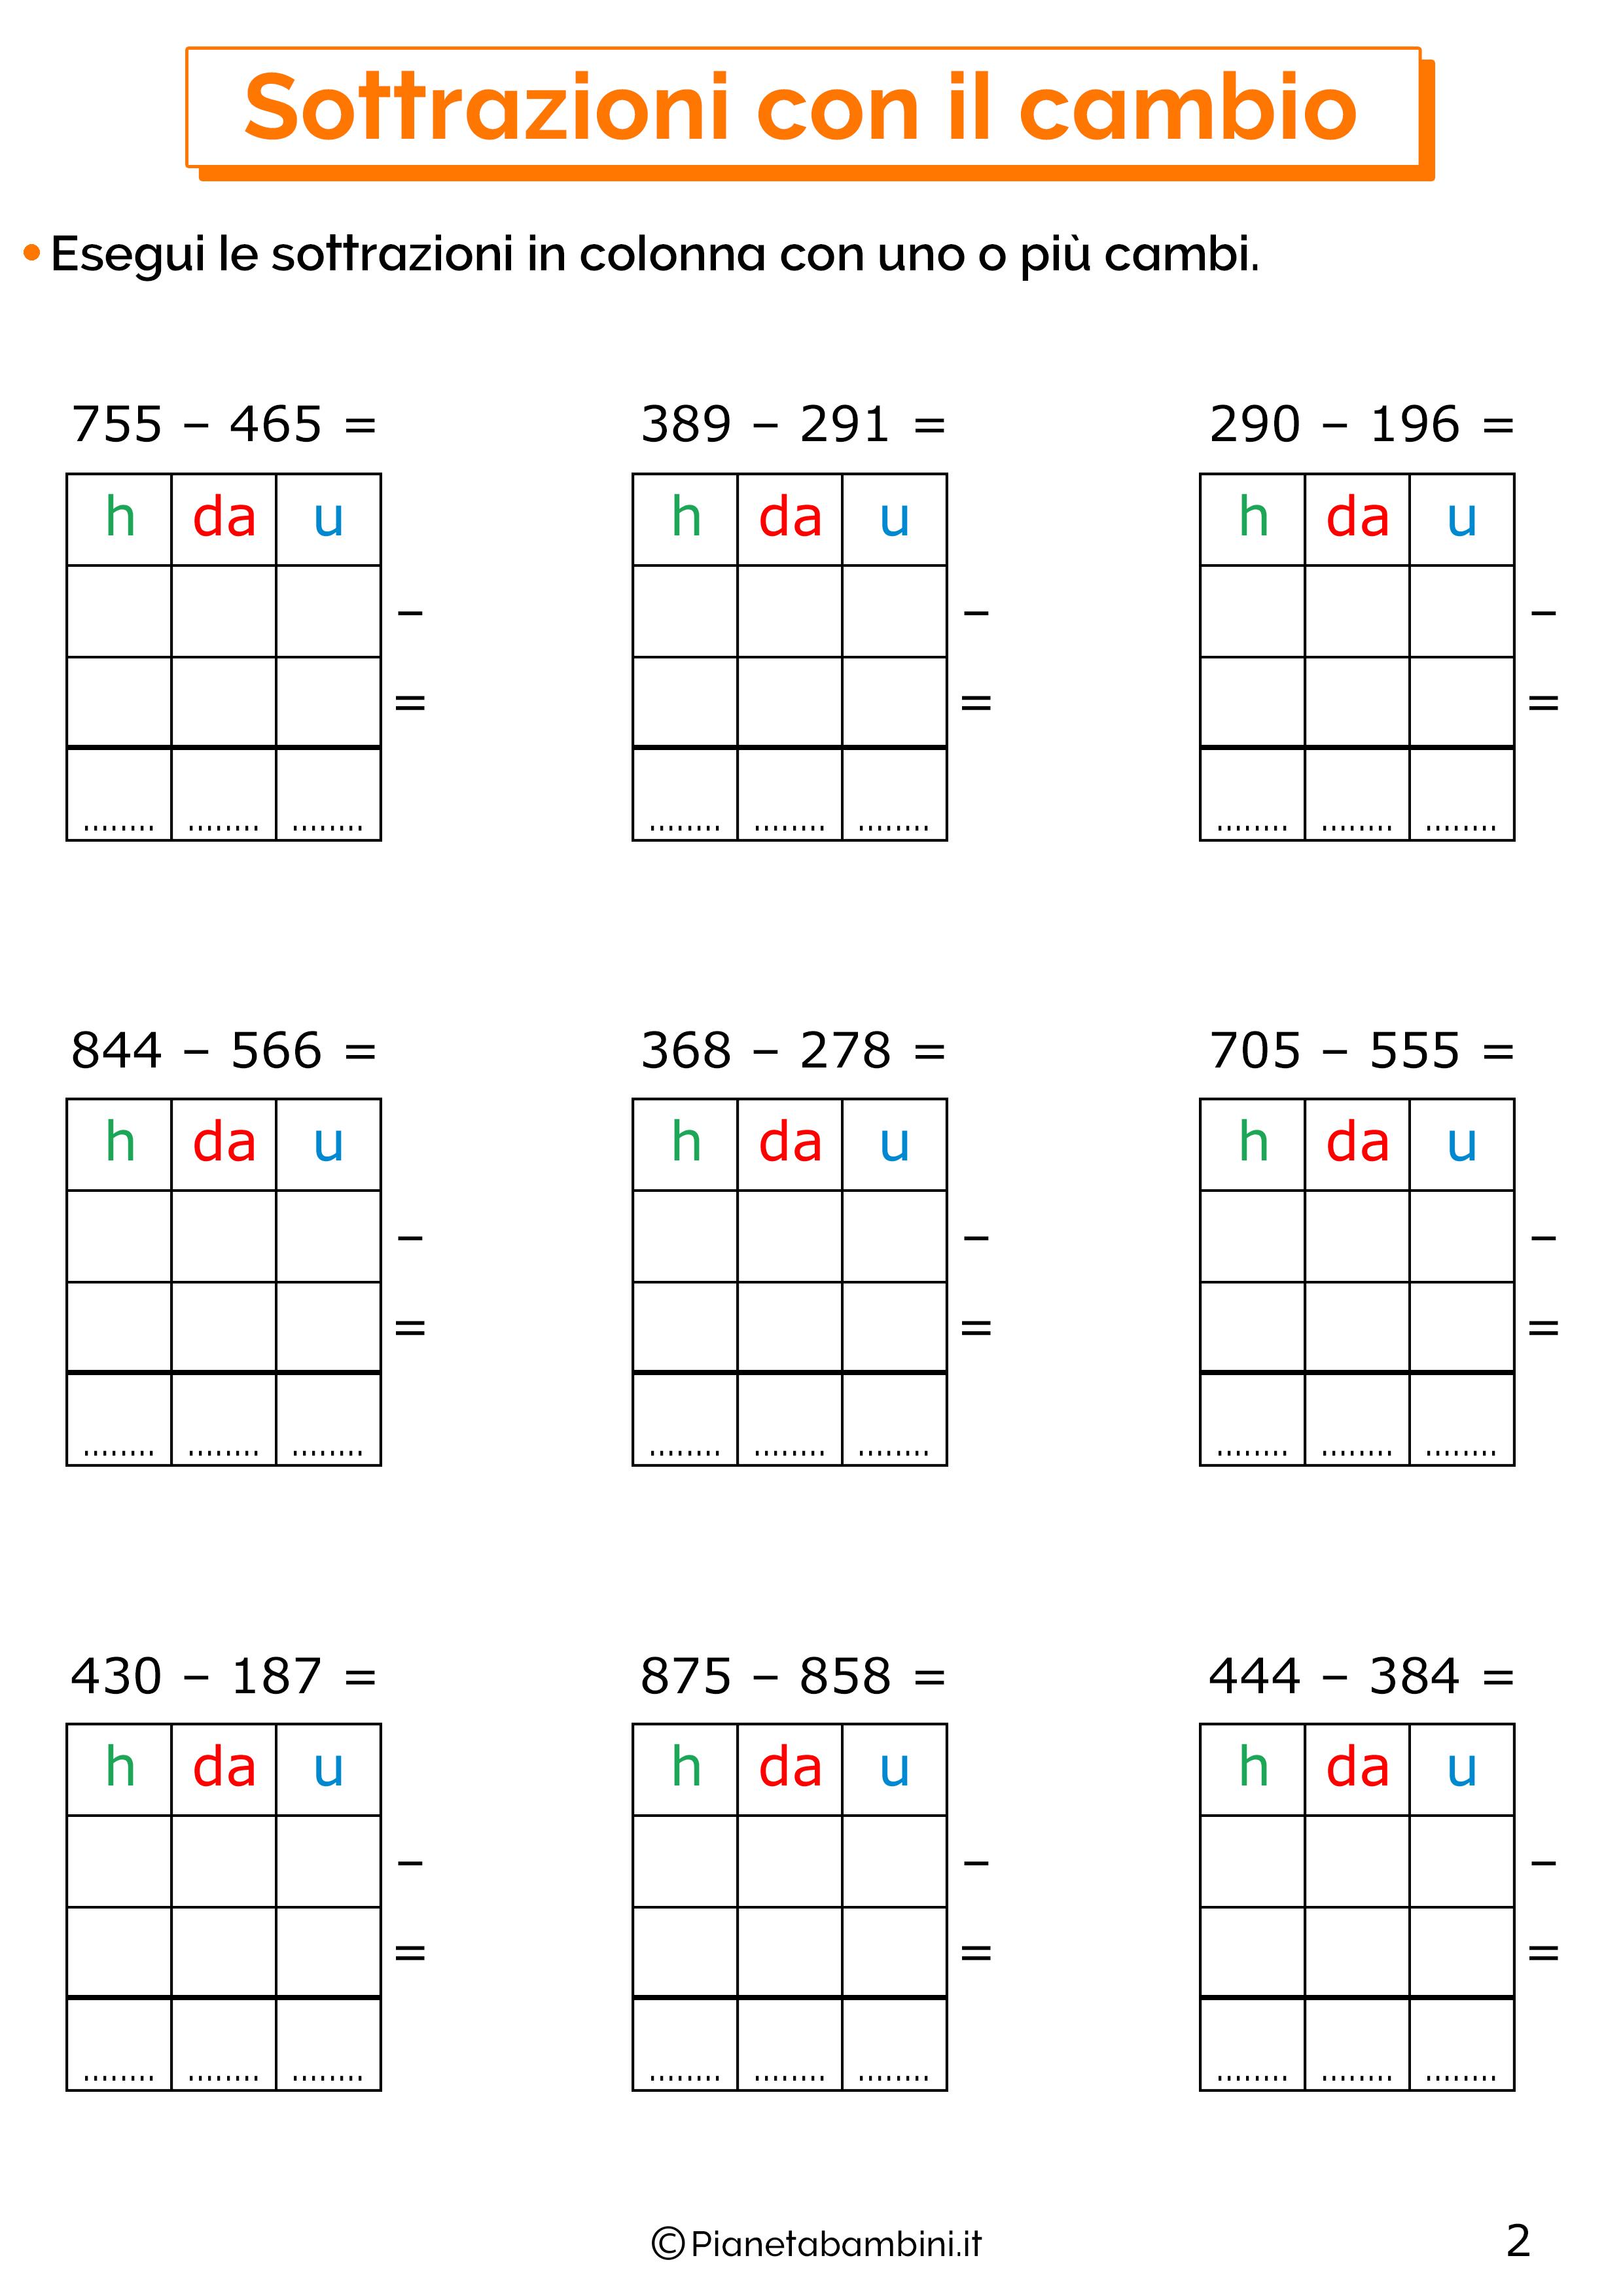 Sottrazioni con cambio a tre cifre per la classe terza 2